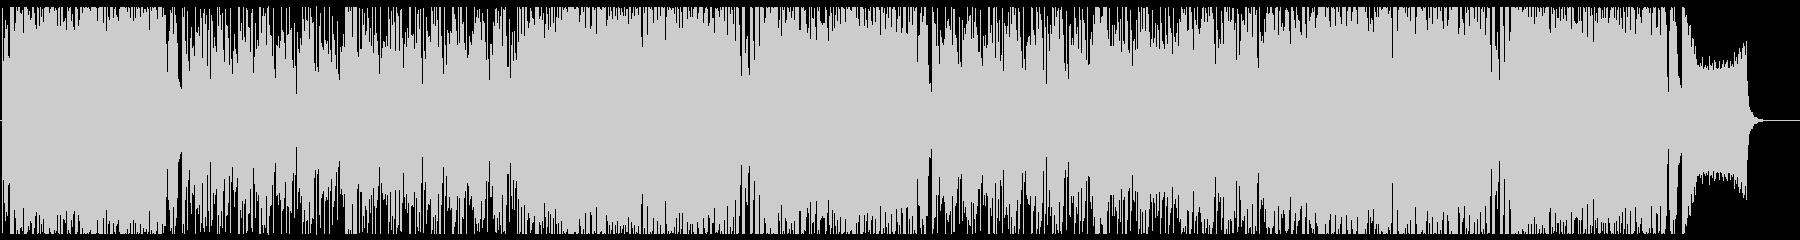 可愛らしいアニソン系ポップス フル歌の未再生の波形